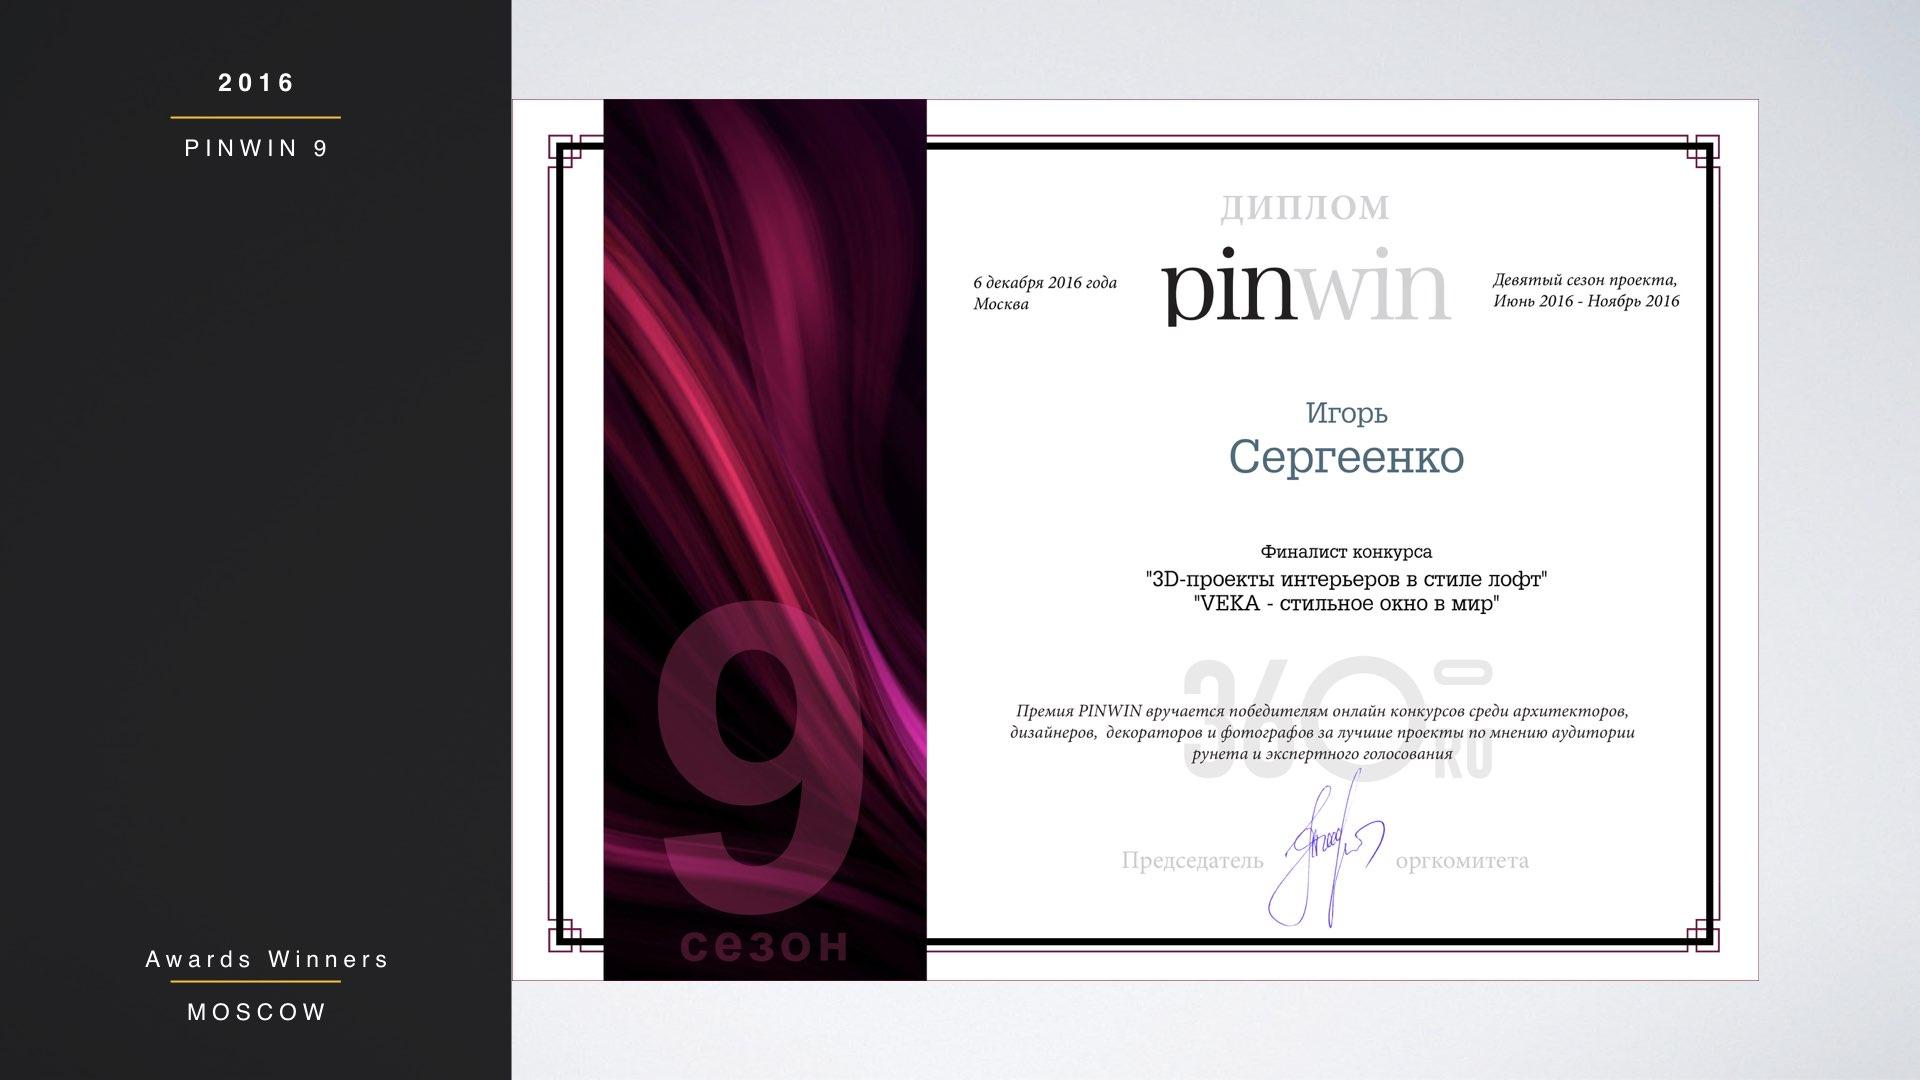 pinwin-9-007